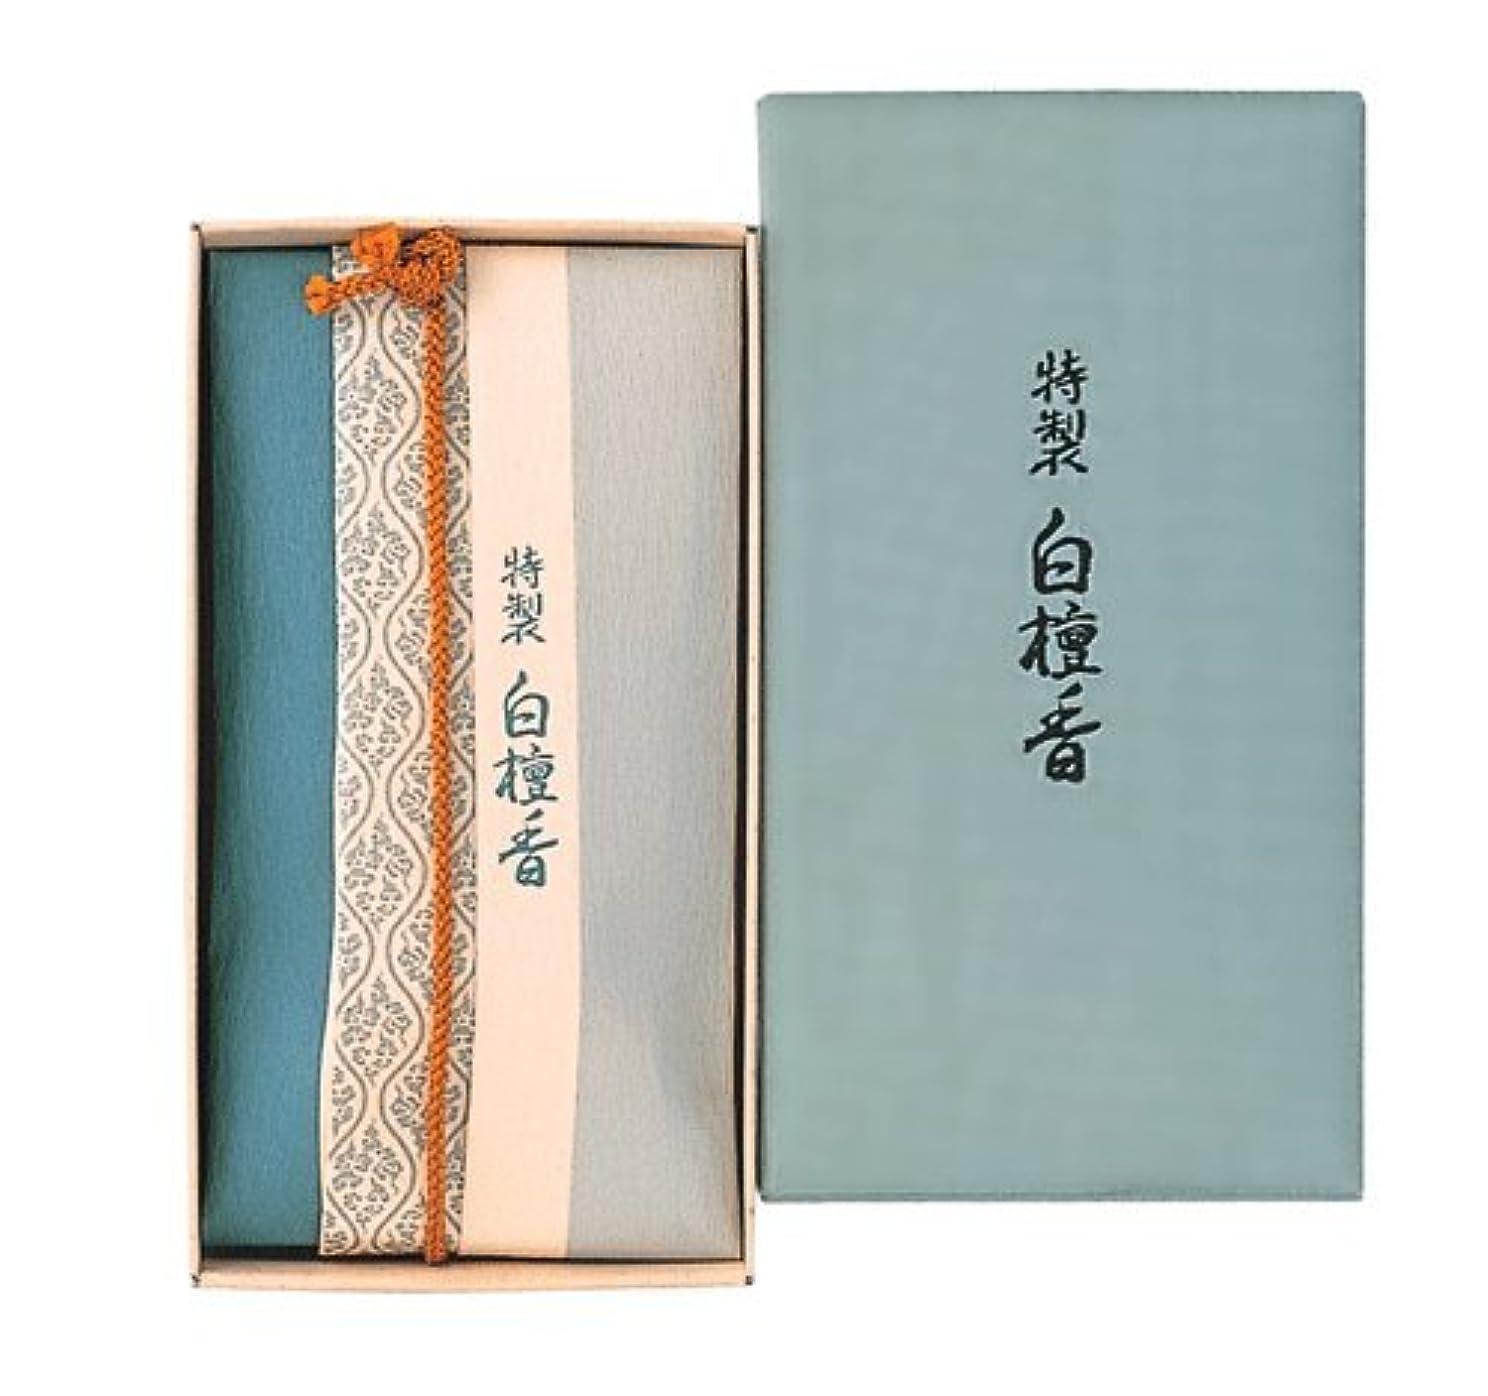 論争の的降雨言語香木の香りのお香 特製白檀香 コーン24個入【お香】